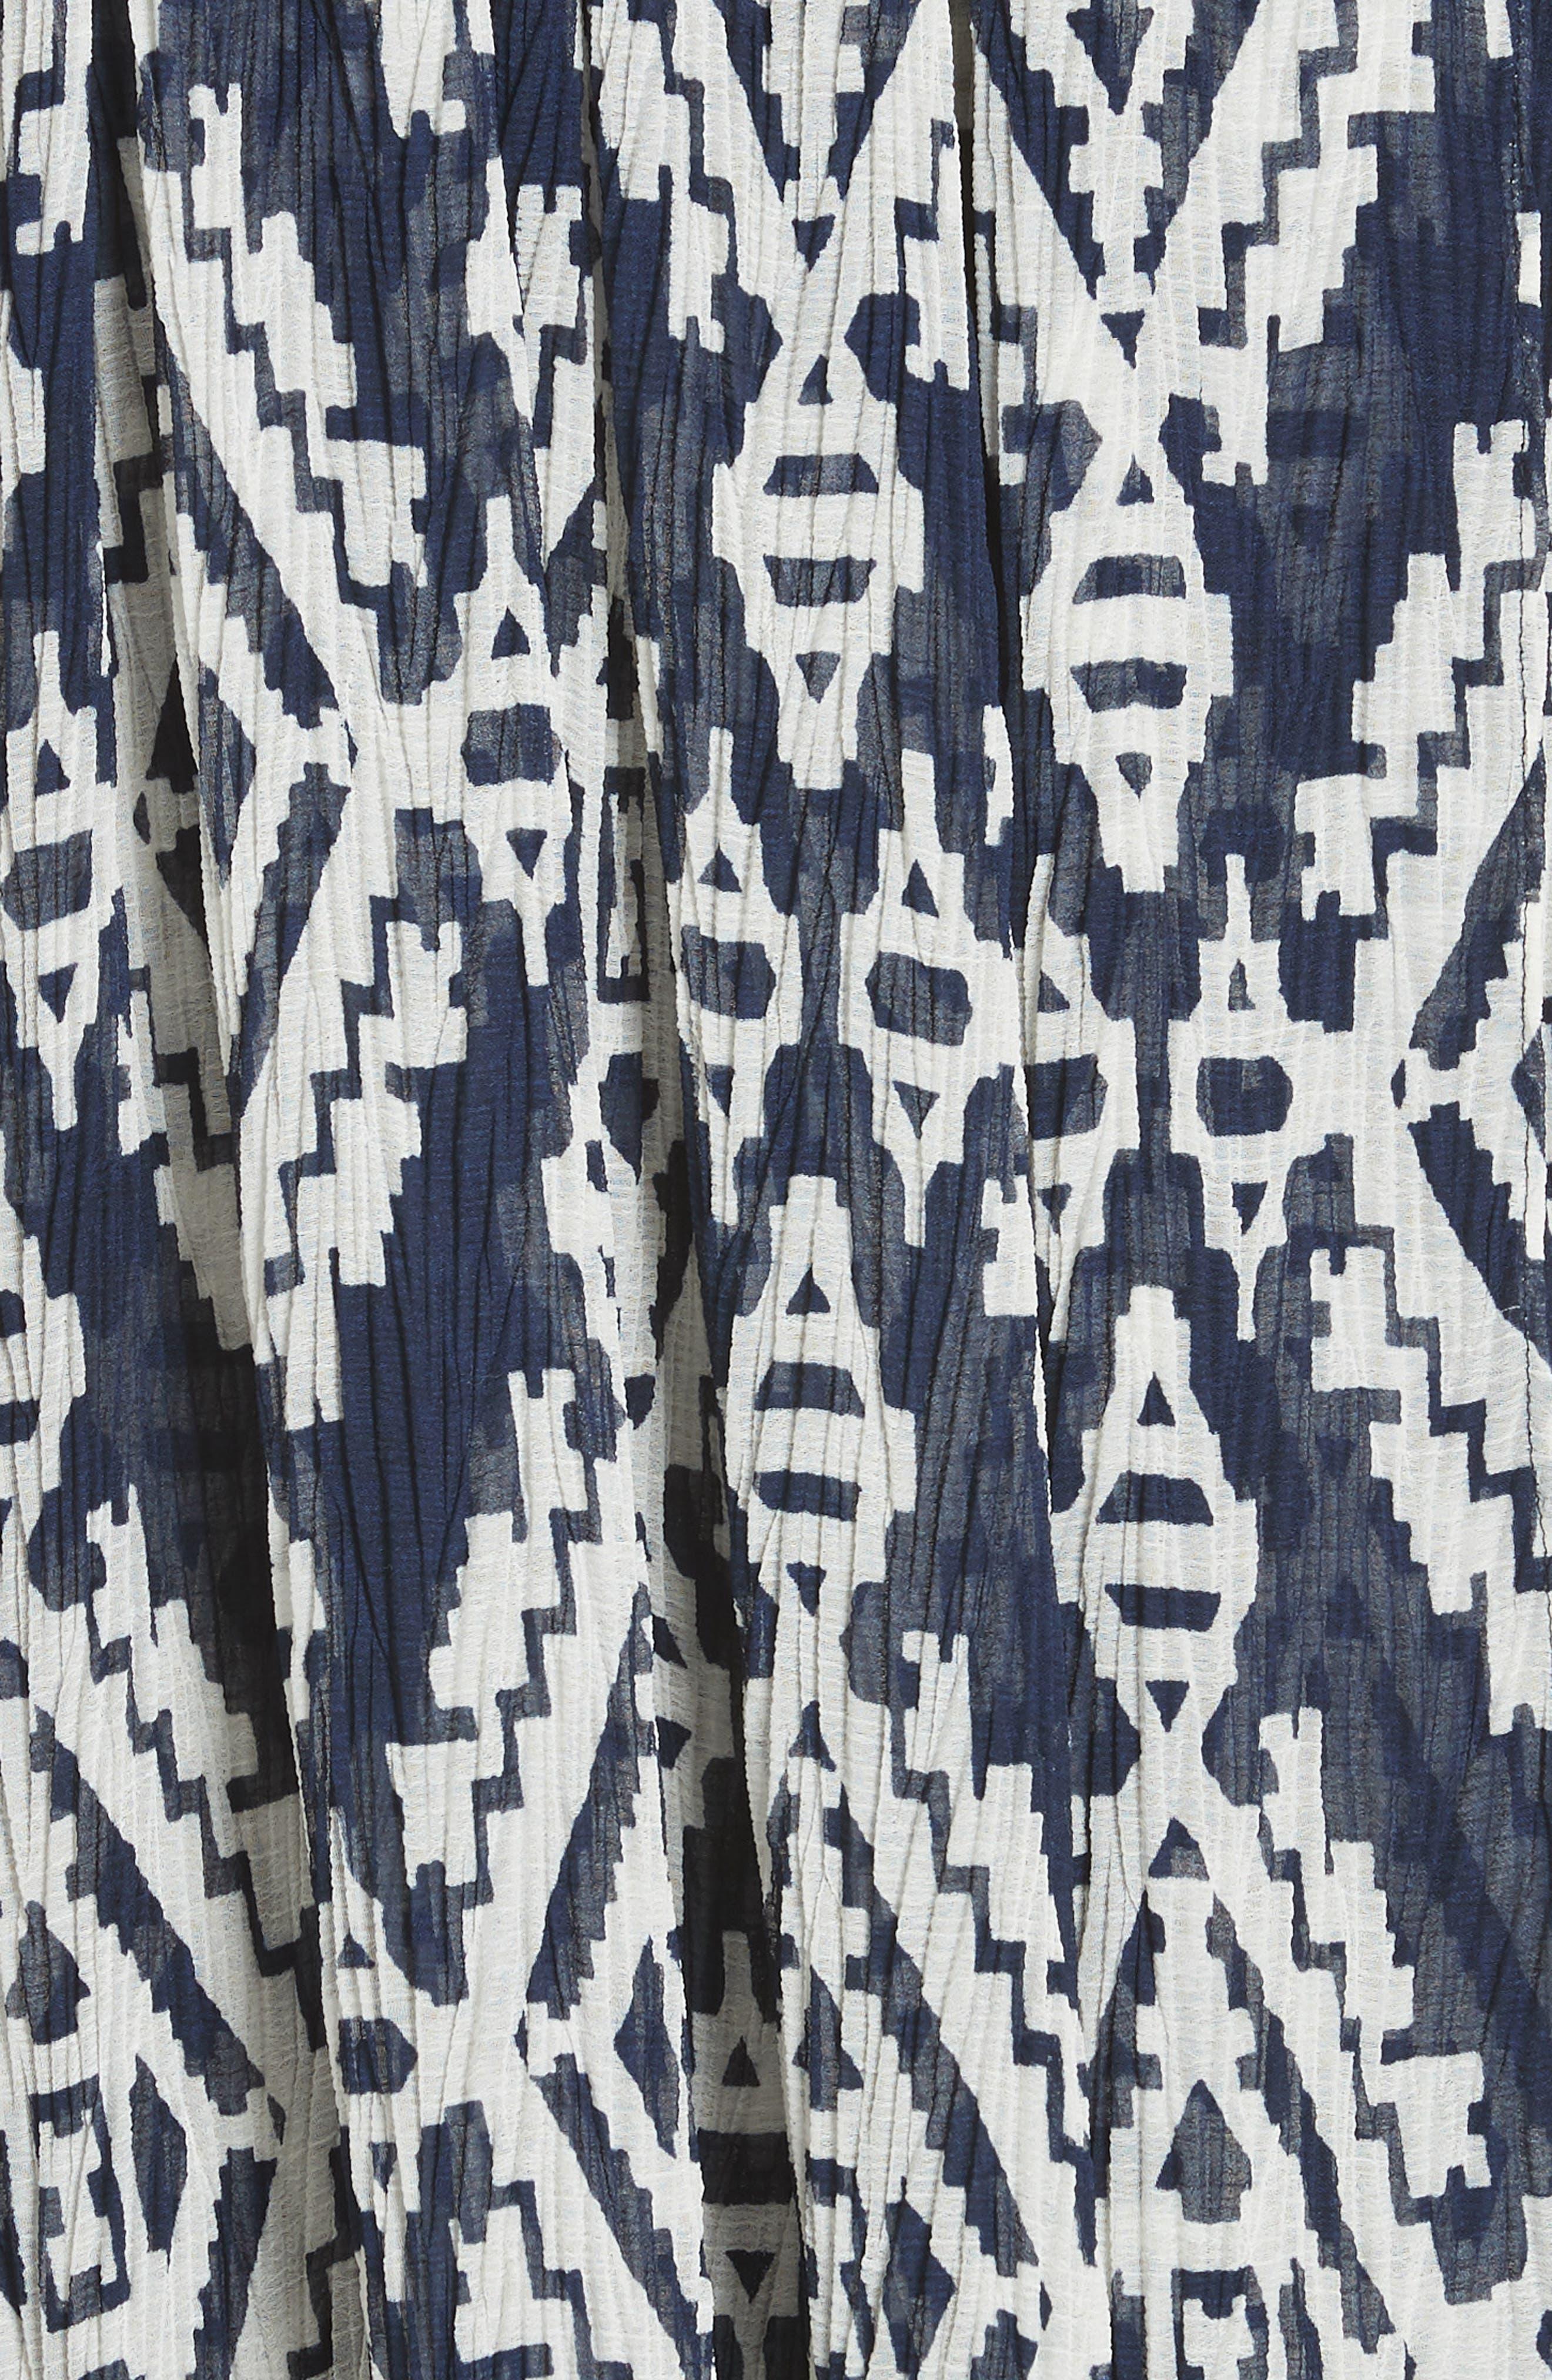 Katherine Maxi Dress,                             Alternate thumbnail 5, color,                             433